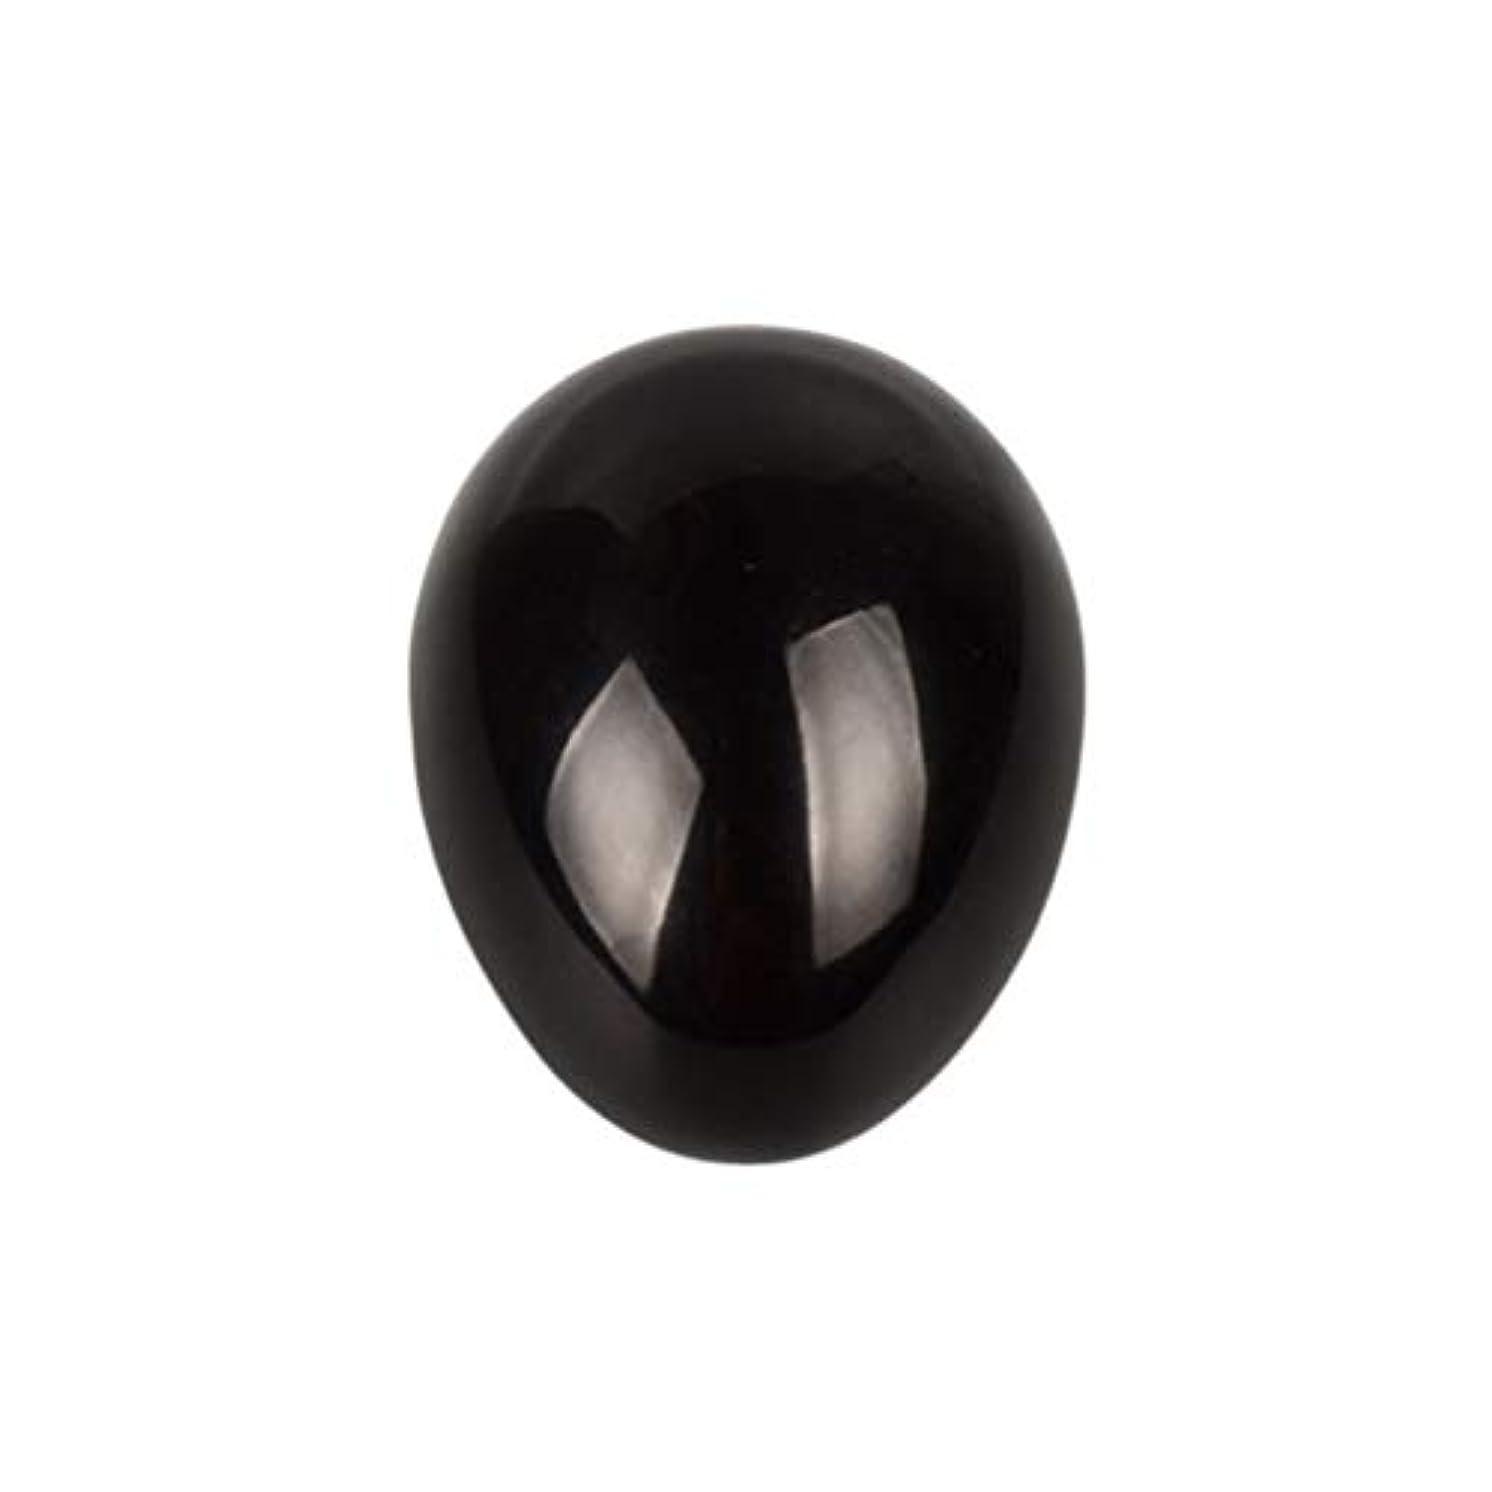 クレジット定期的にテクニカルHealifty 癒しの瞑想のための黒い黒曜石の宝石の卵球チャクラのバランスと家の装飾45 * 30 * 30ミリメートル